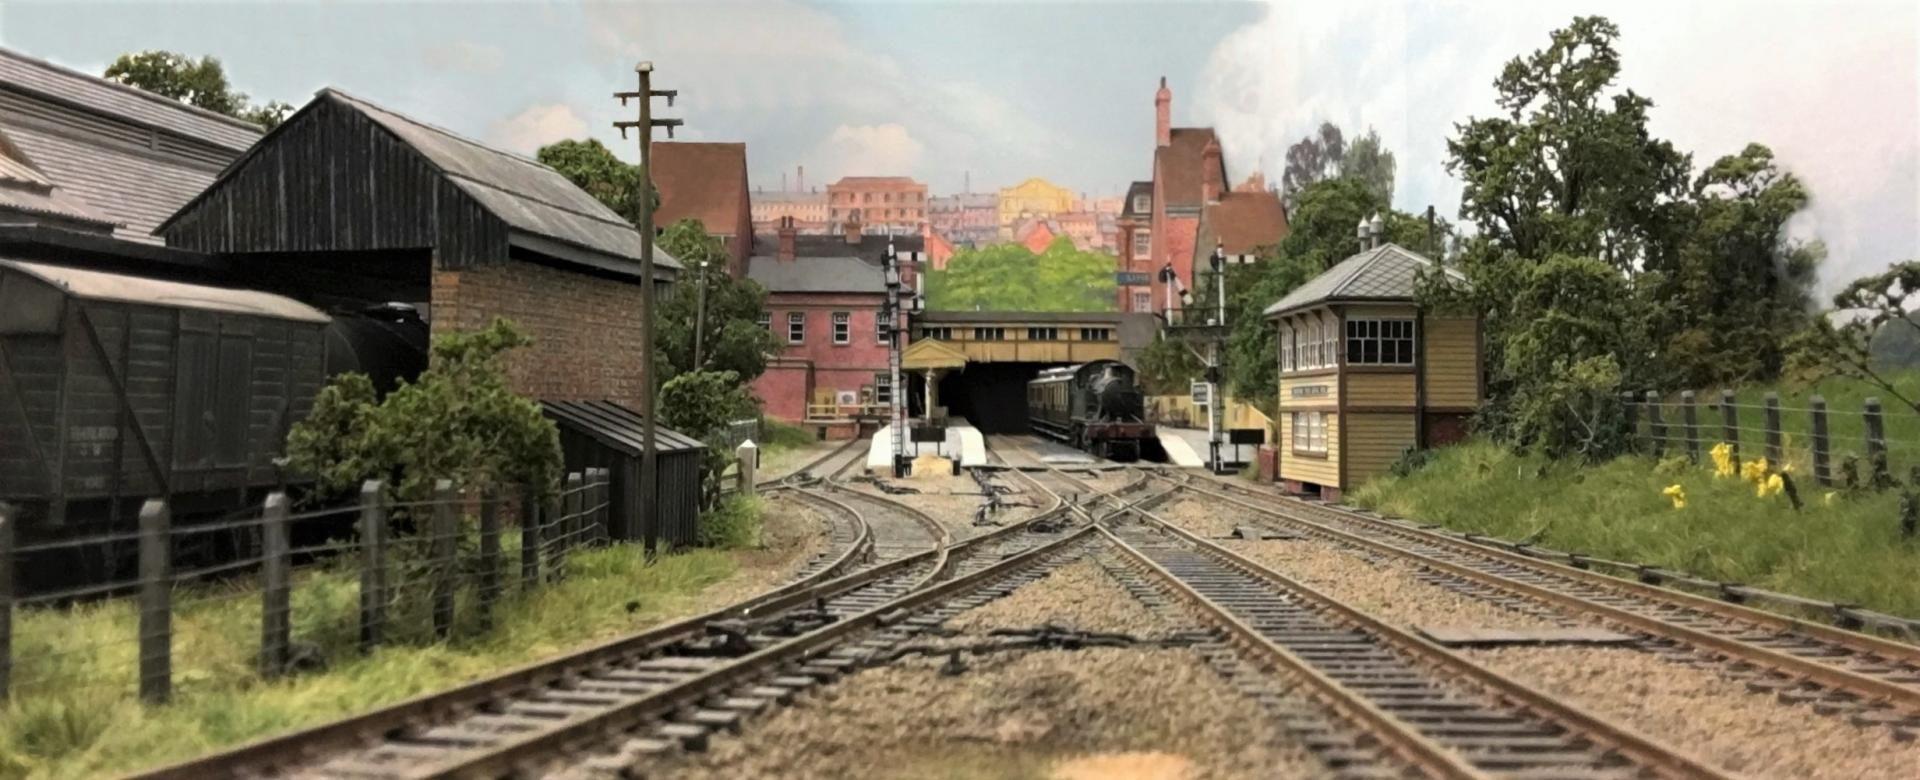 Little Muddle - Layout topics - RMweb   model train layouts